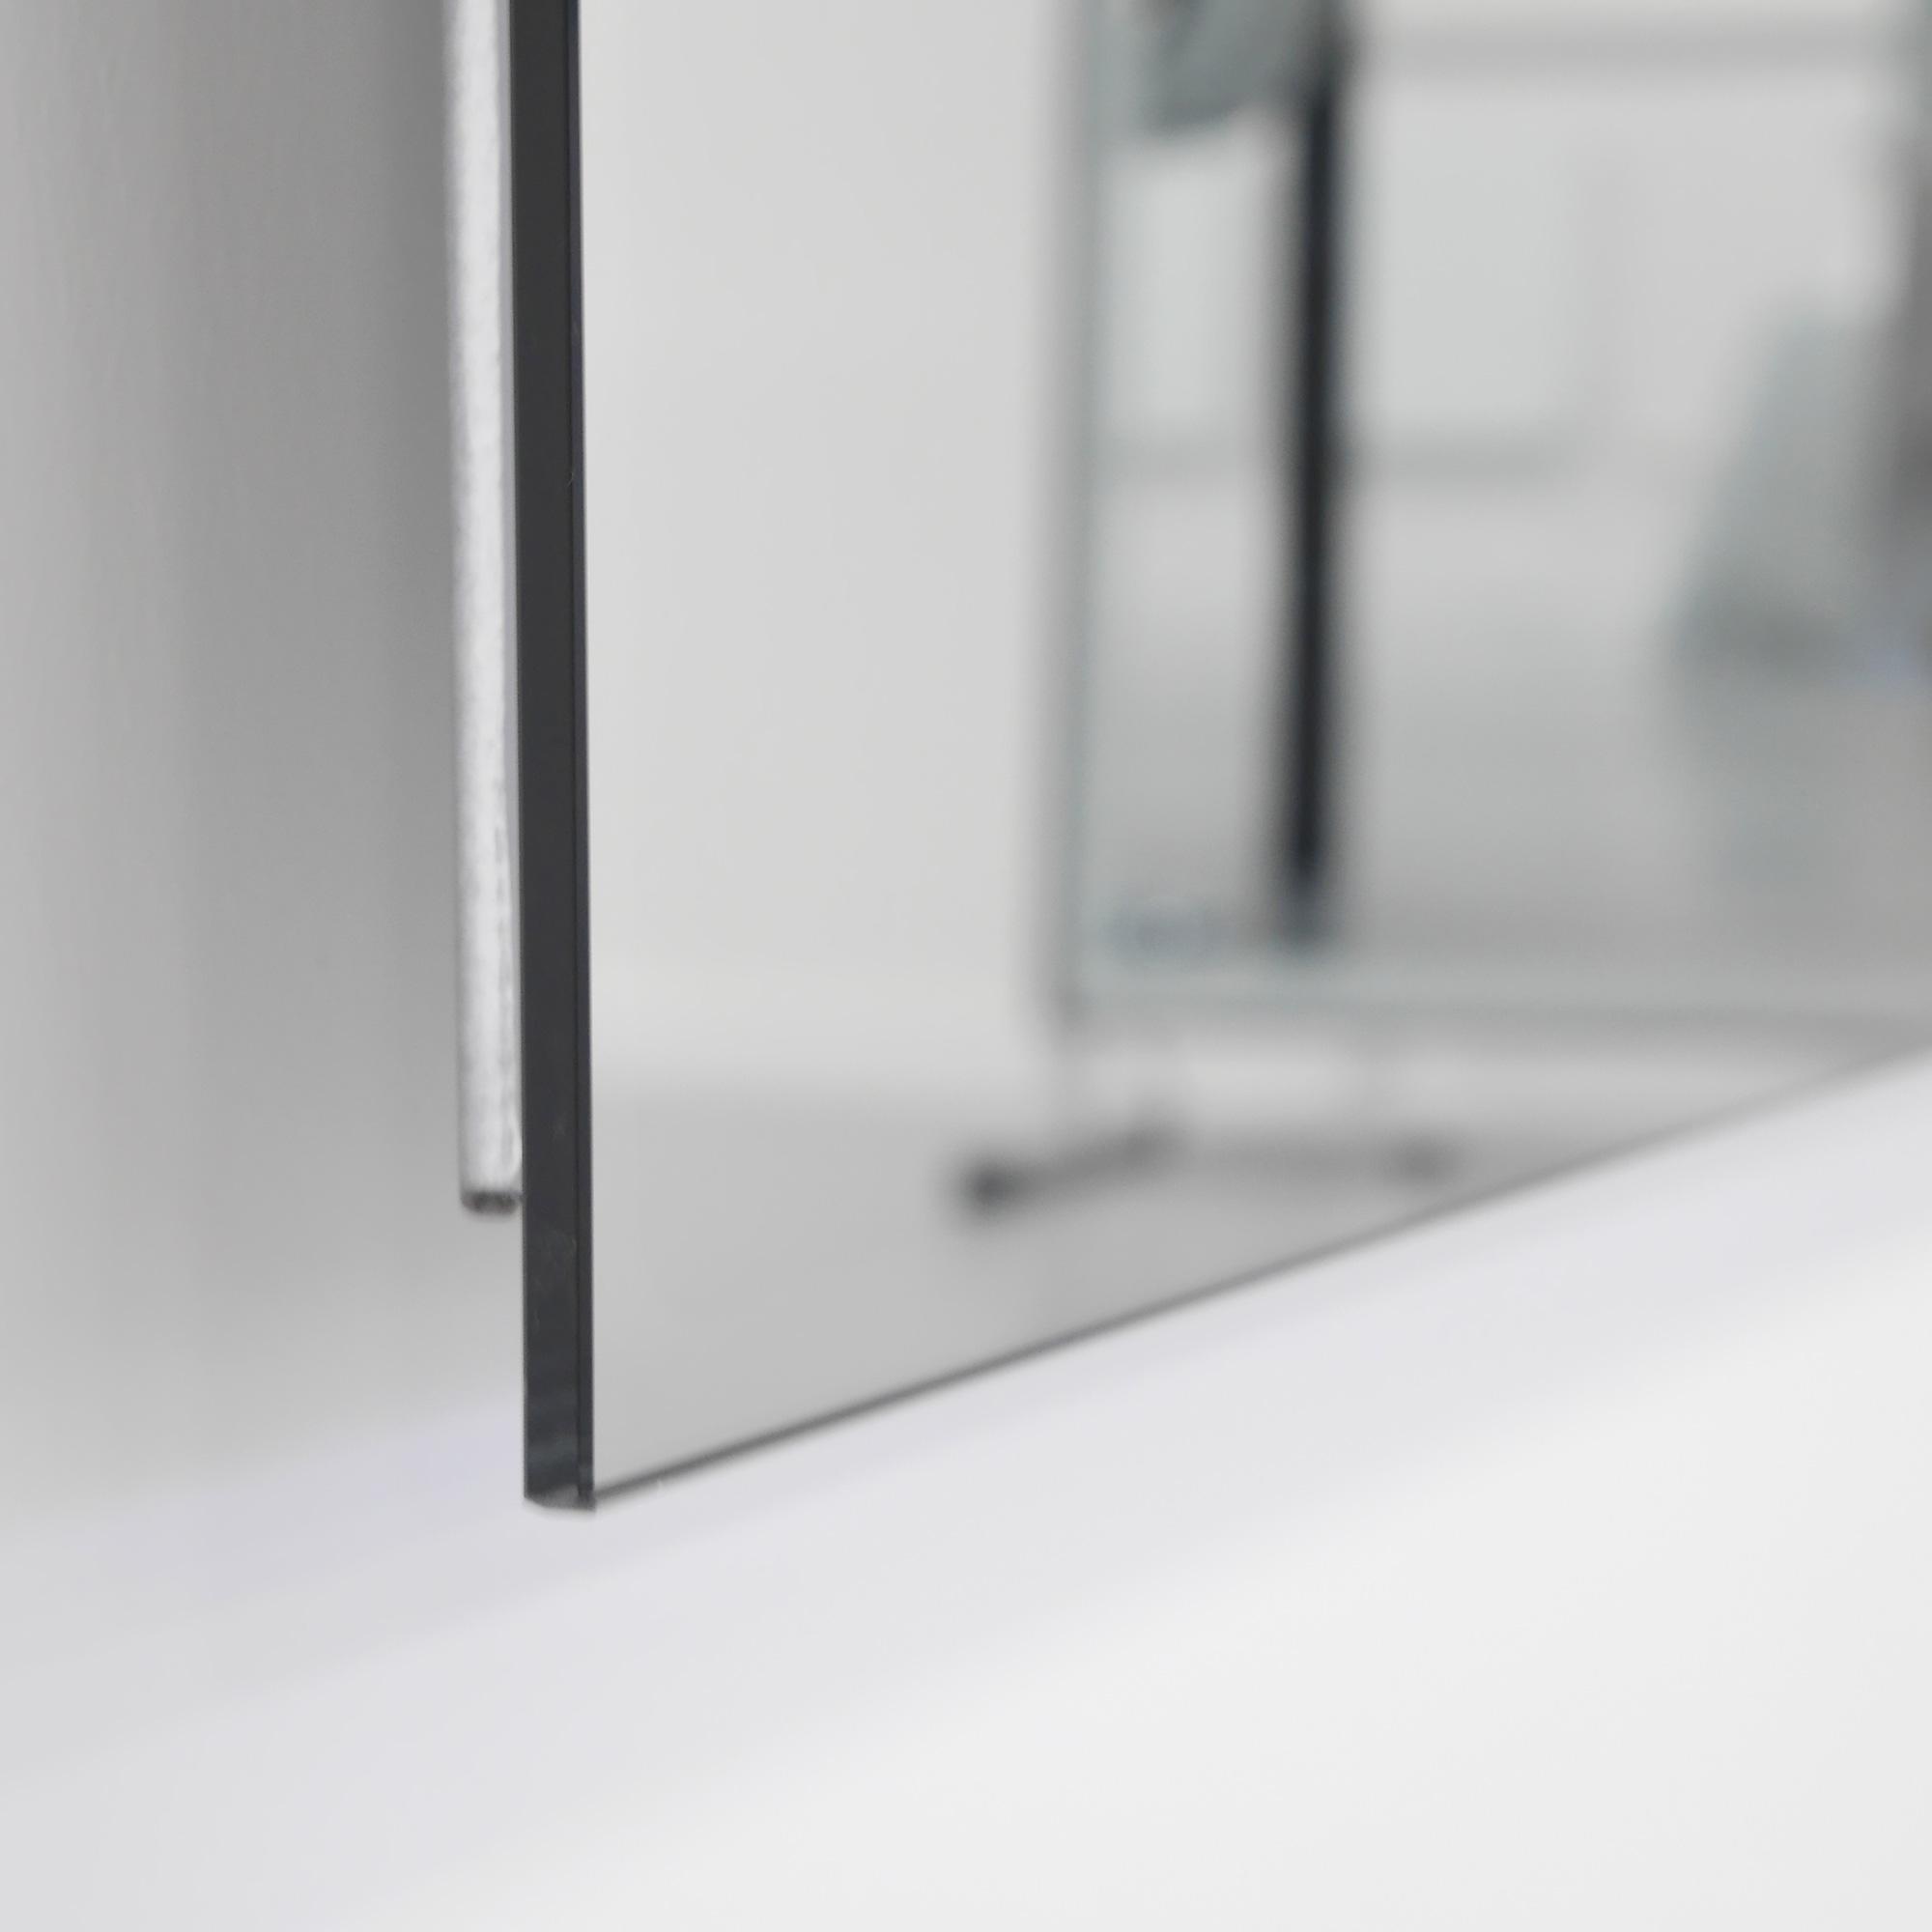 frameless-mirror-heater-different-wattage-sizes